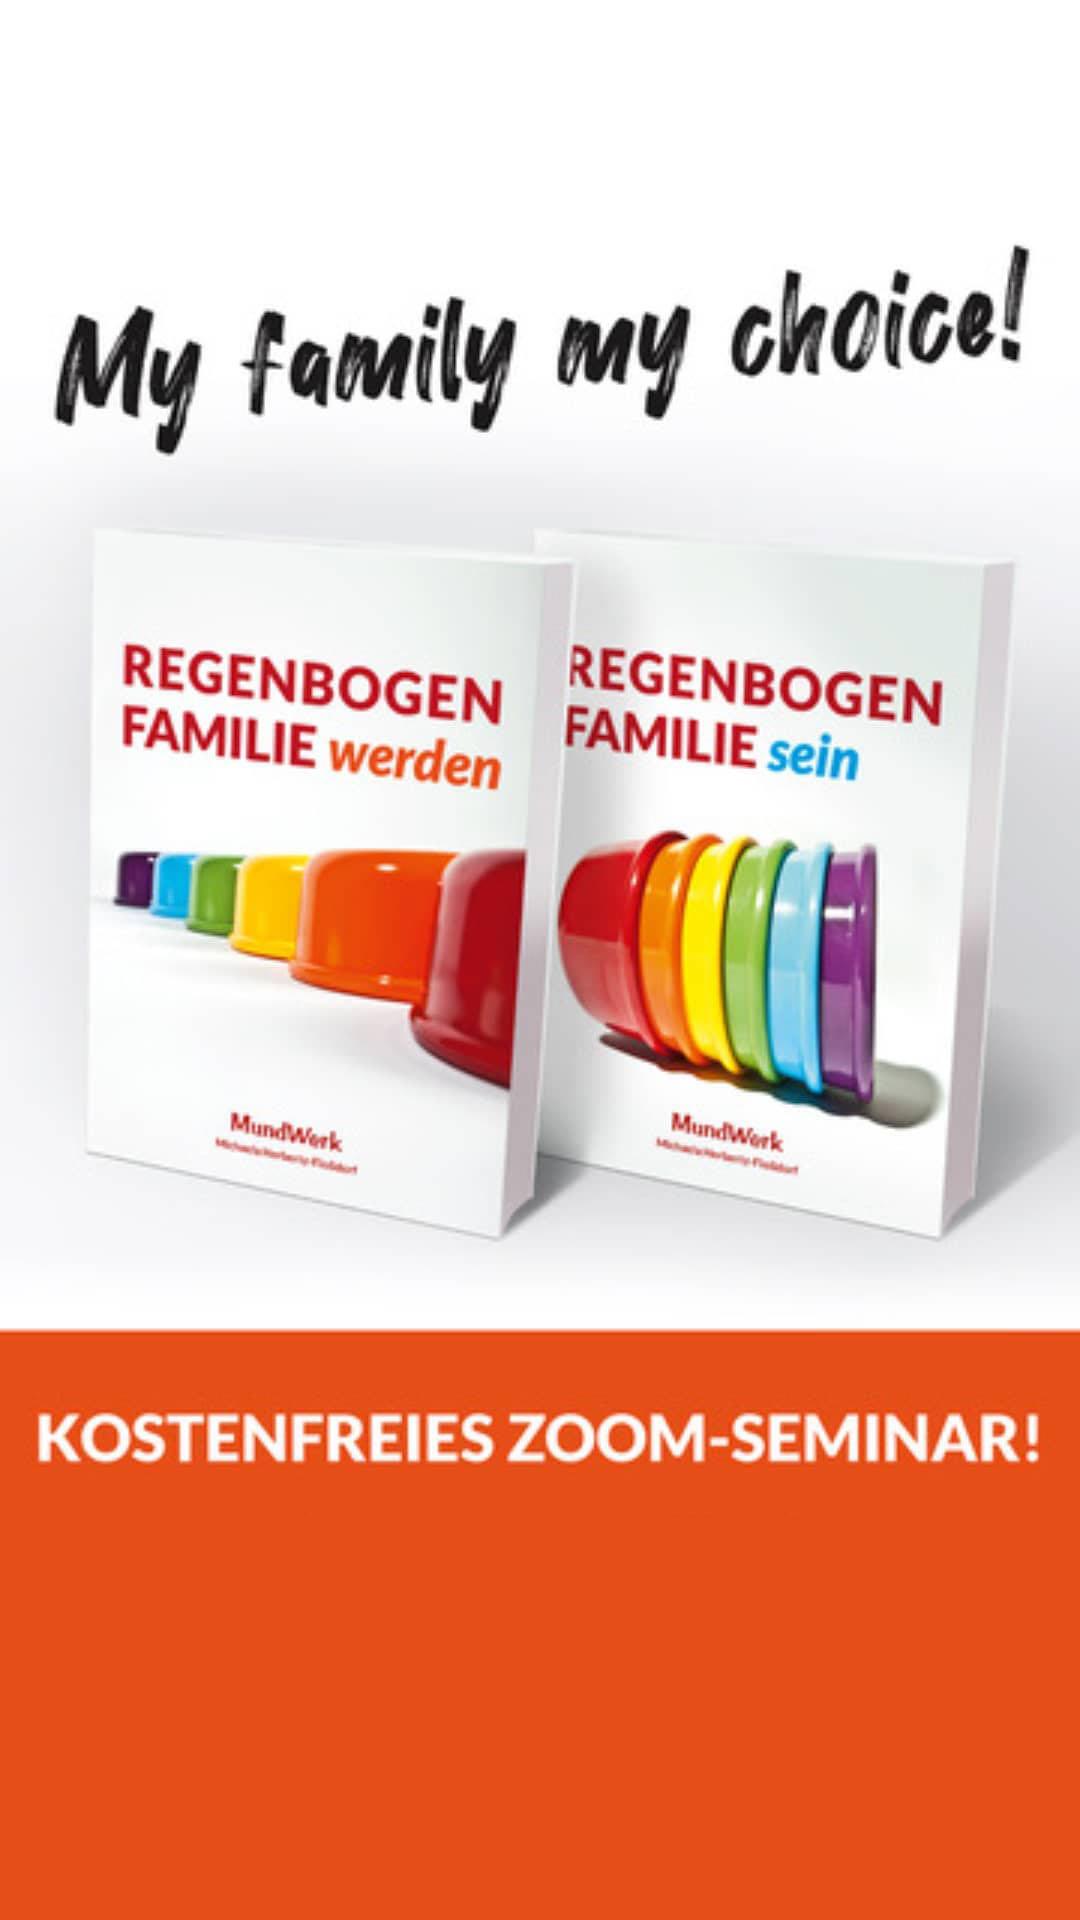 Regenbogenfamilie werden Regenbogenfamilie sein